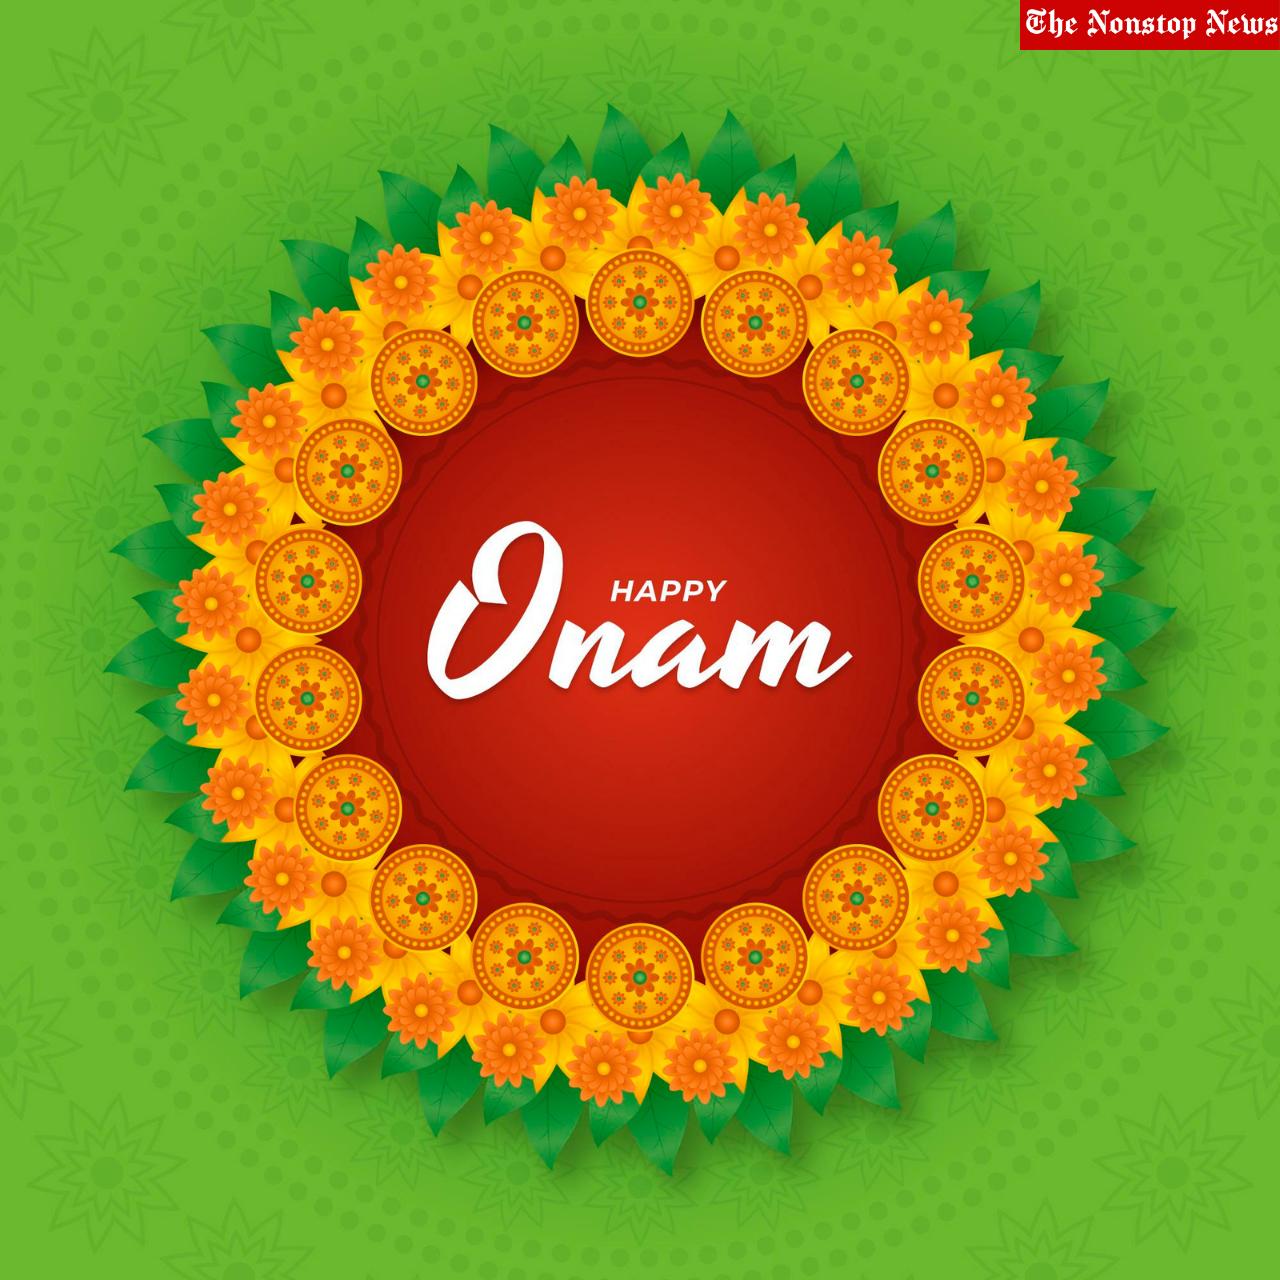 Onam 2021 WhatsApp Status Video to Download